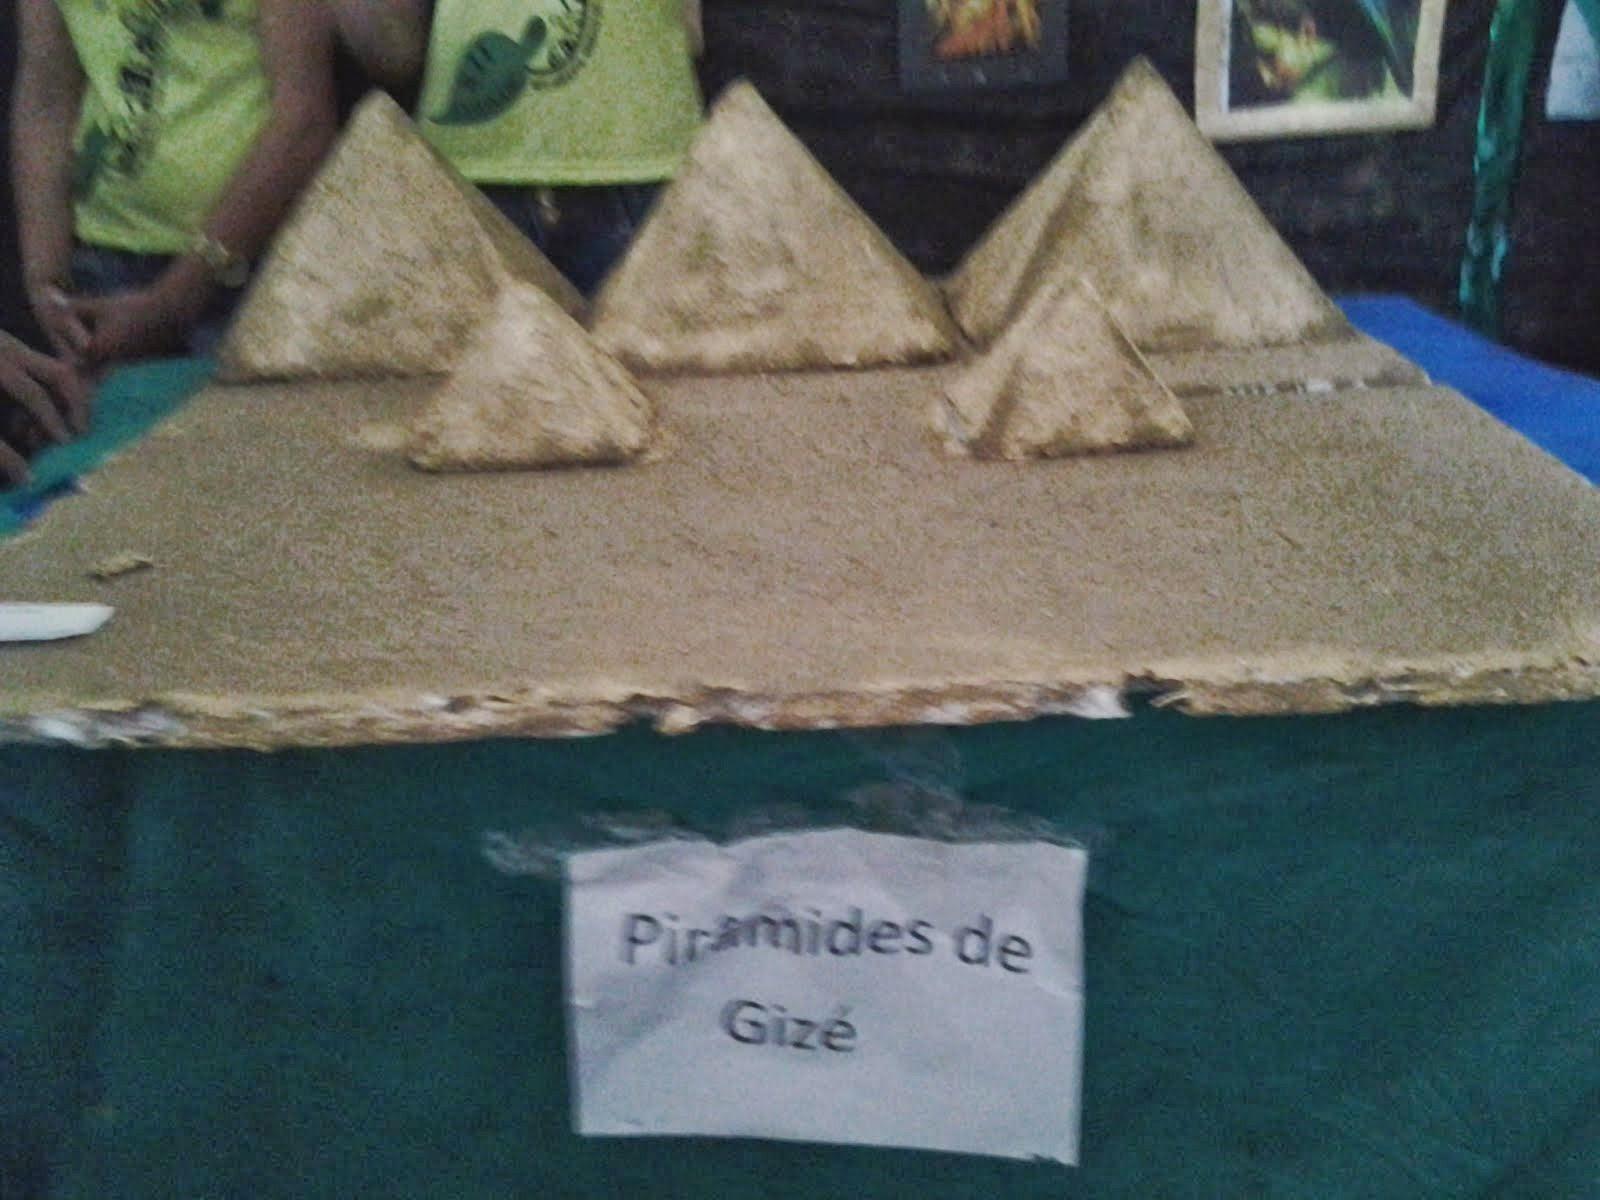 Piramides de Gizé FEIRA DE CULTURA DO NARCISO CORREIA